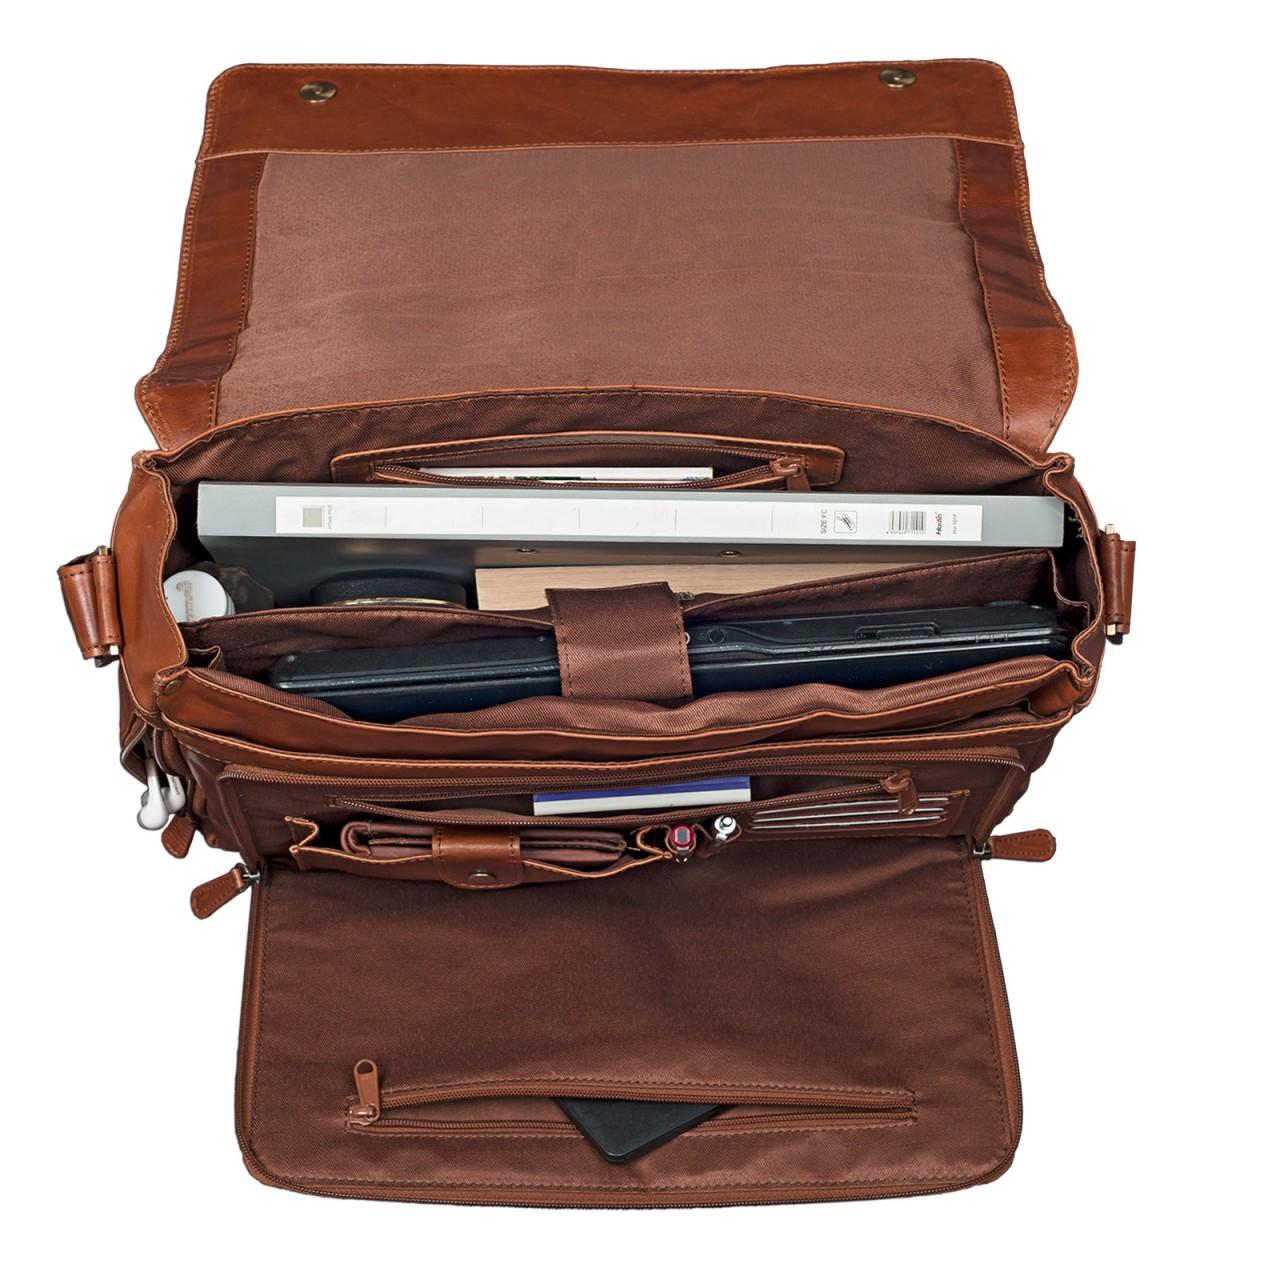 """STILORD """"Nick"""" Umhängetasche Leder Herren Damen Unitasche 15.6 Zoll Laptoptasche Aktentasche Bürotasche Vintage Büffel-Leder - Bild 4"""